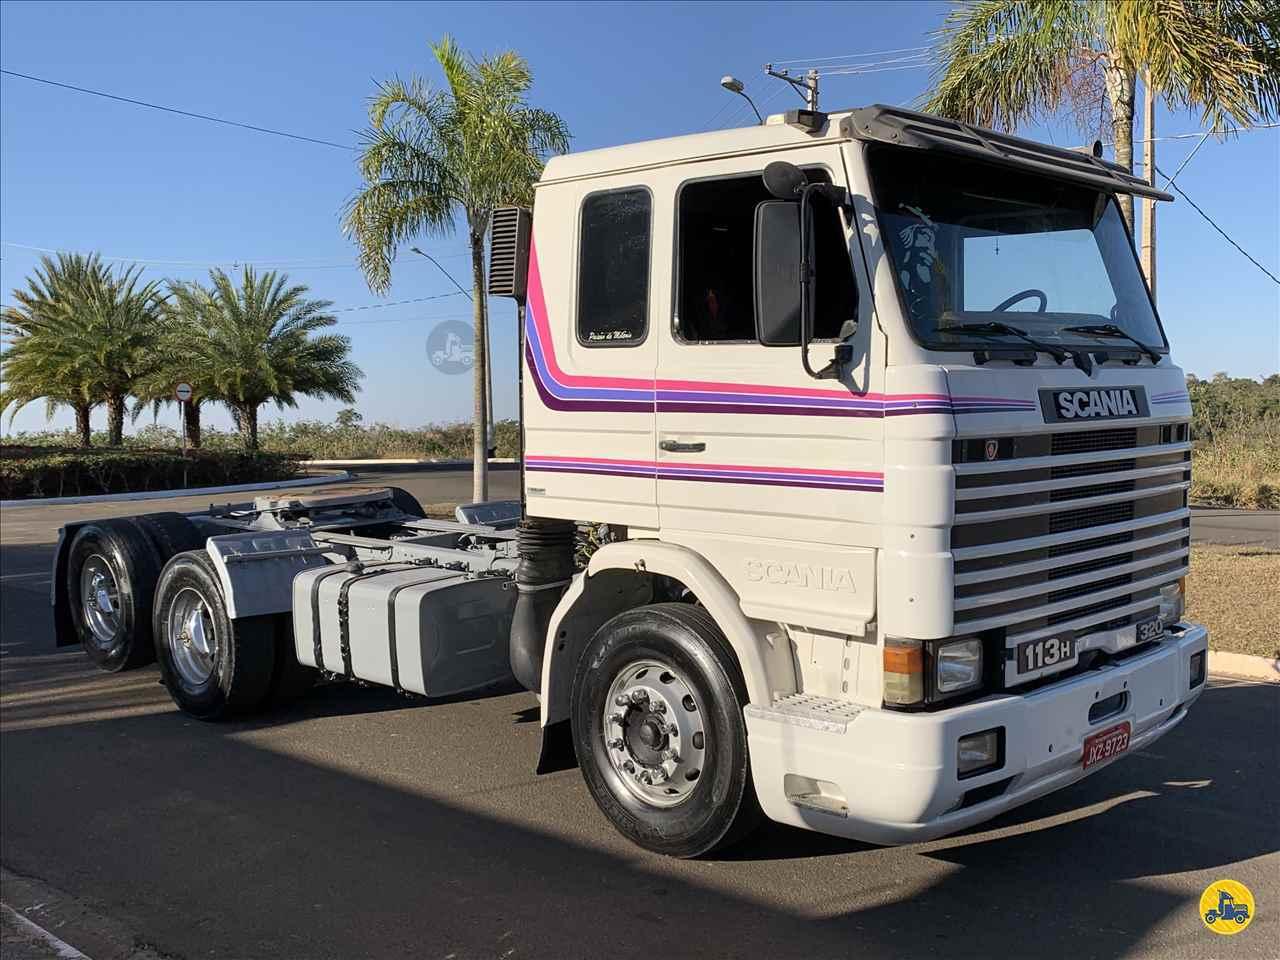 CAMINHAO SCANIA SCANIA 113 320 Cavalo Mecânico Truck 6x2 RB Caminhões e Carretas SAO SEBASTIAO DO PARAISO MINAS GERAIS MG